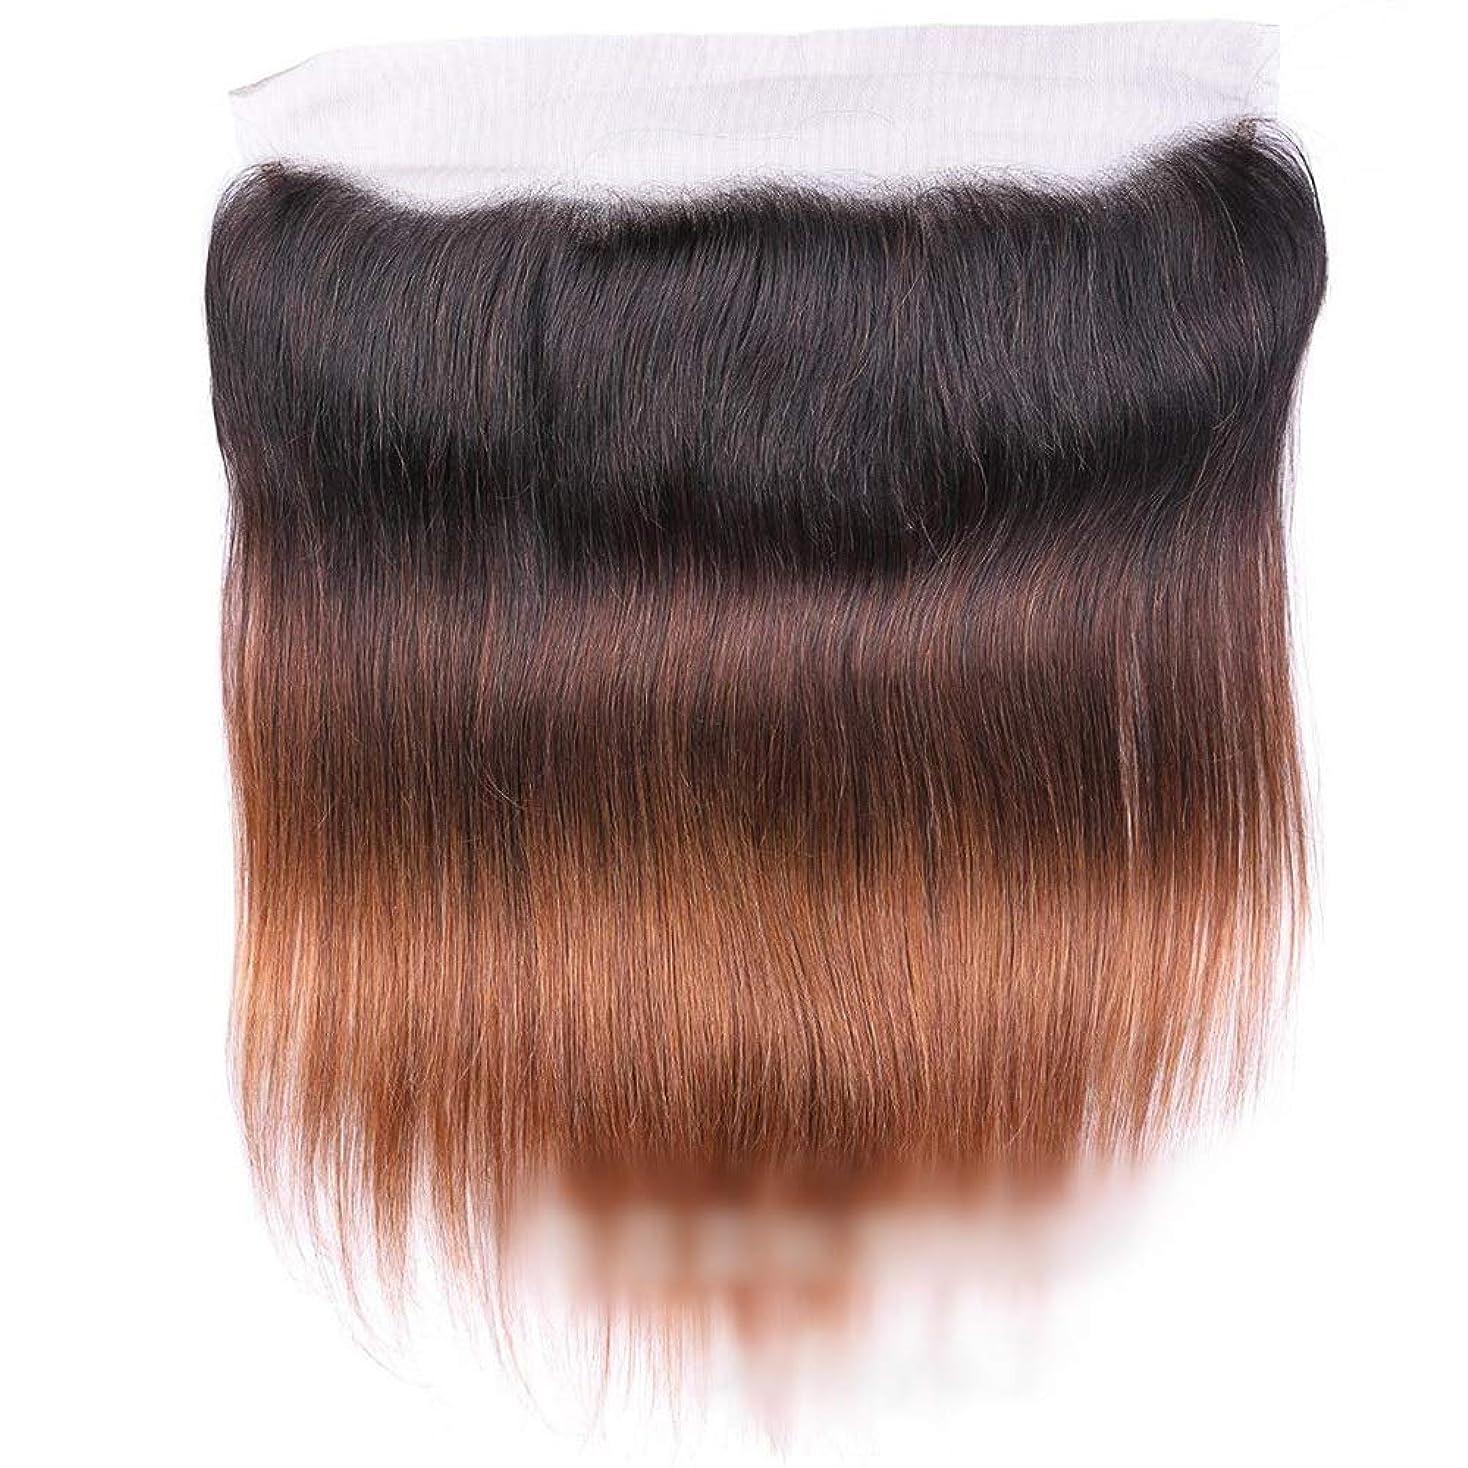 経歴散るパラナ川HOHYLLYA オンブルブラジルバージンヘアストレートレース閉鎖人間の髪の毛1B / 4/30 3トーンカラー(8インチ18インチ)ロングストレートヘアウィッグ (Color : ブラウン, サイズ : 18 inch)